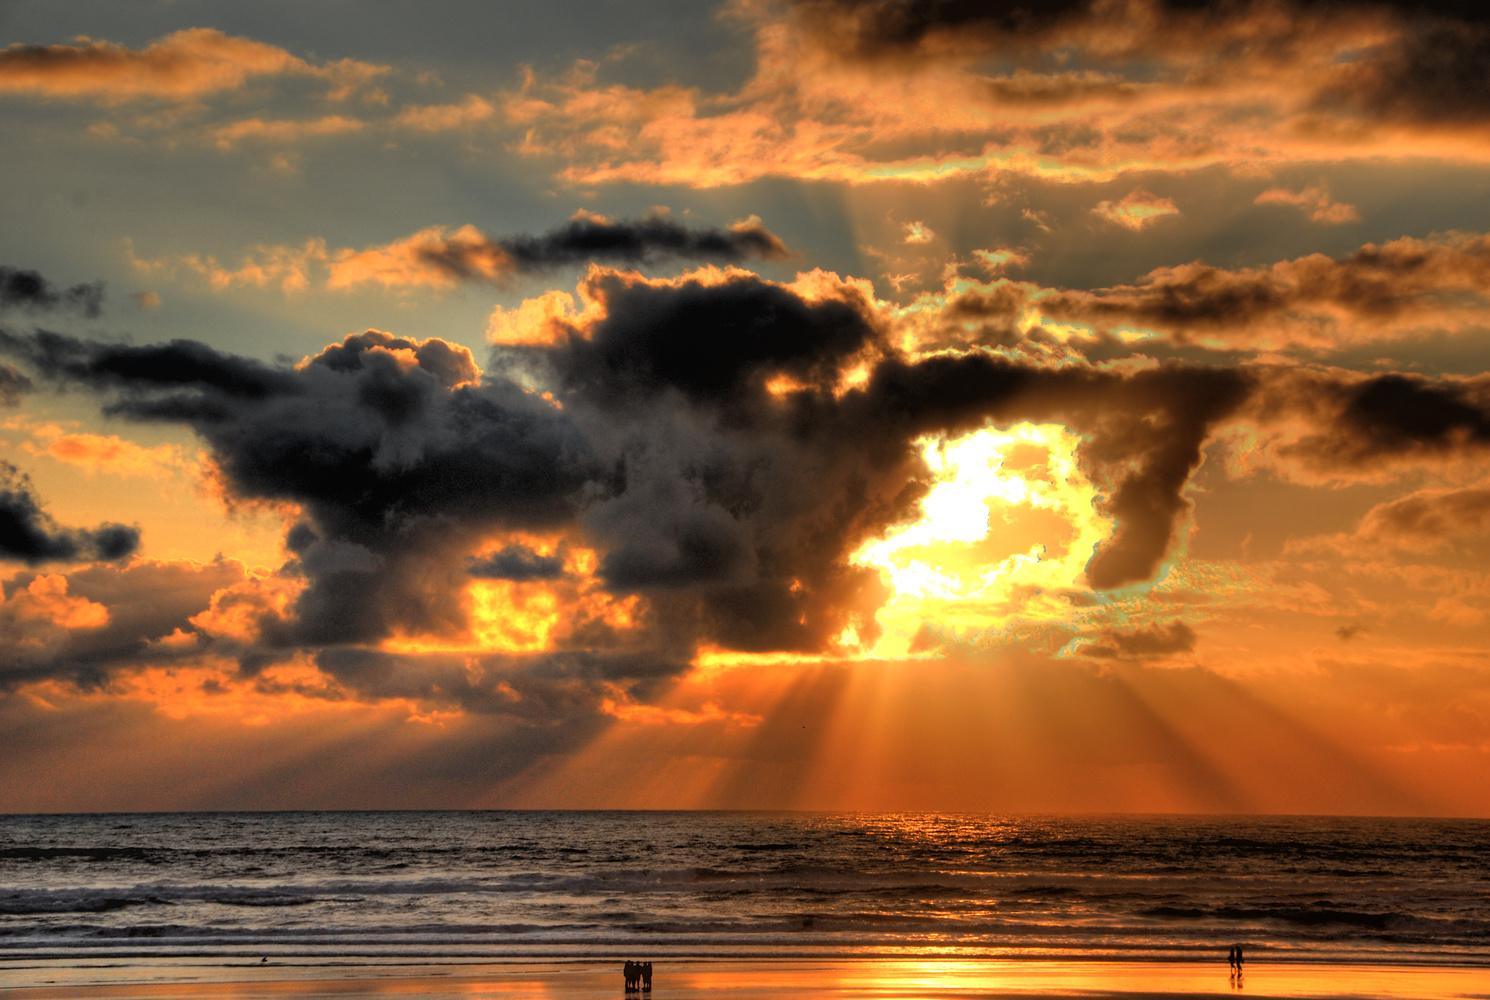 Ocean sunset1 by Gregg Childs